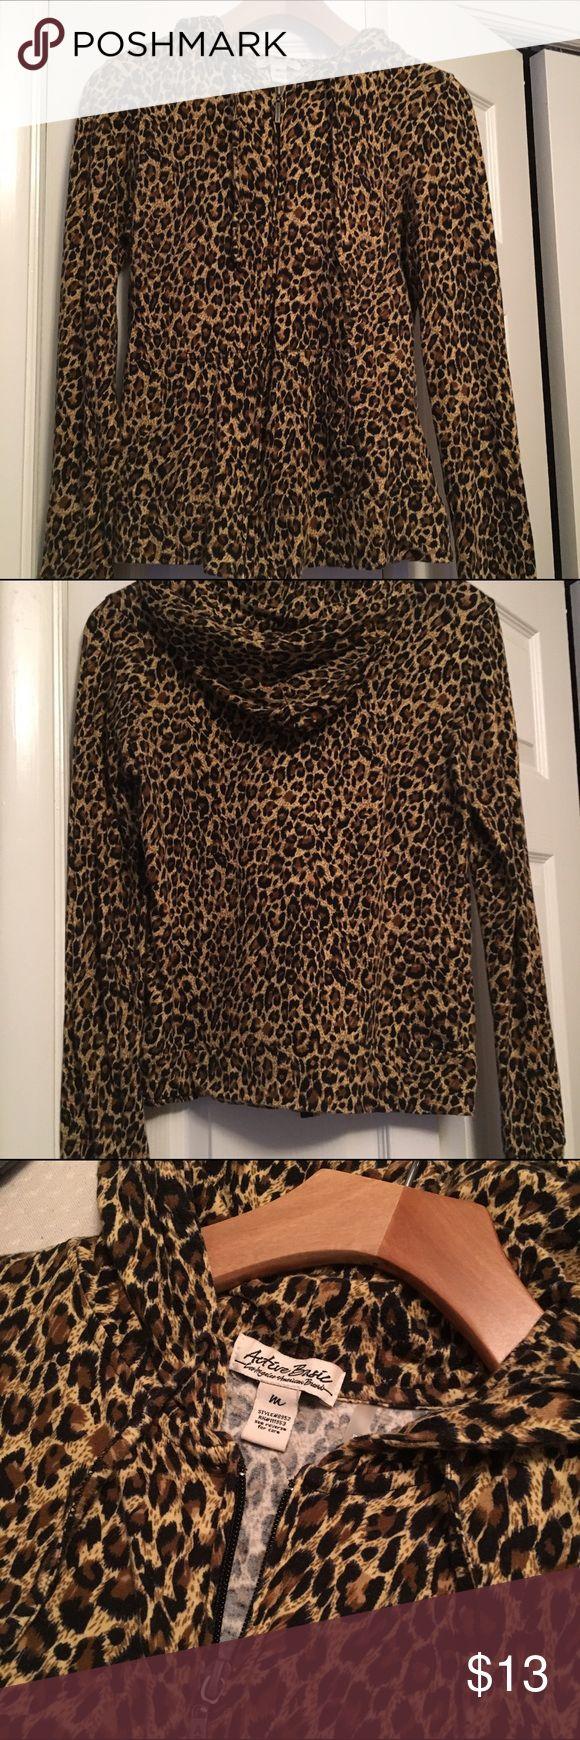 Animal Print Hoodie NWOT Animal print Light-weight hoodie. 95%Cotton 5%Spandex. Tops Sweatshirts & Hoodies